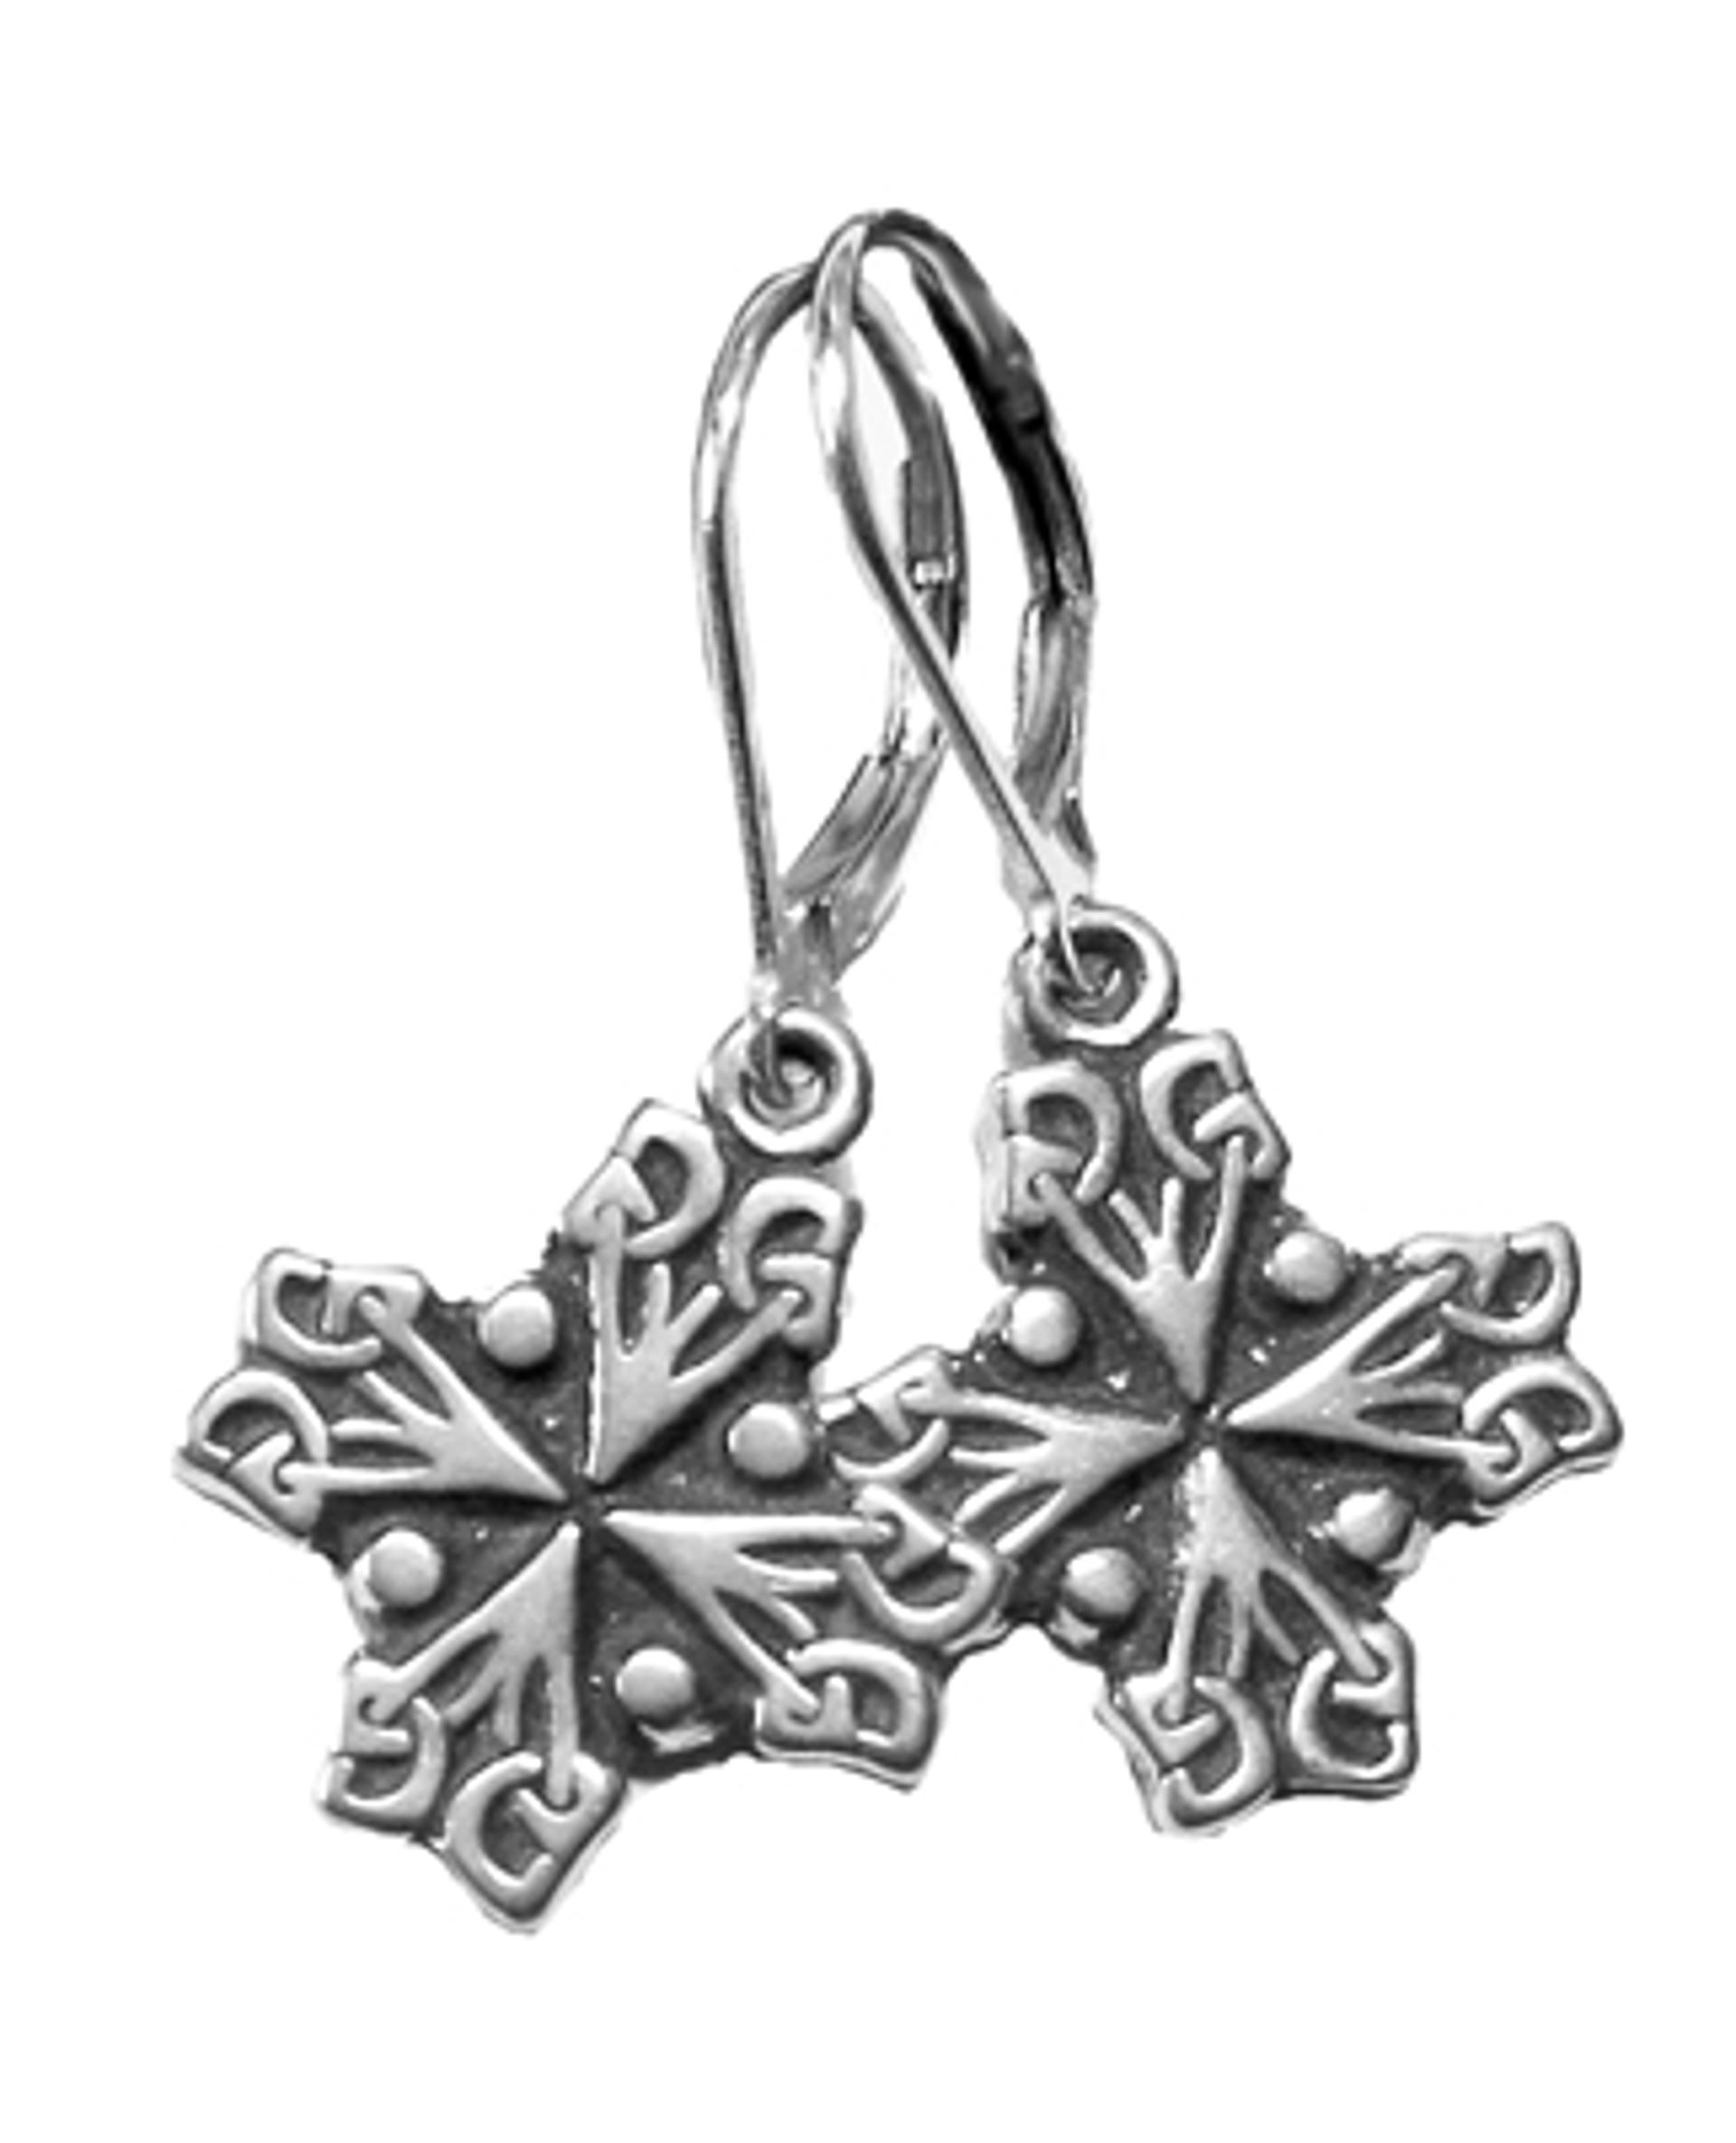 Earrings - St Jeanne of Arc  9438 by Deanne McKeown